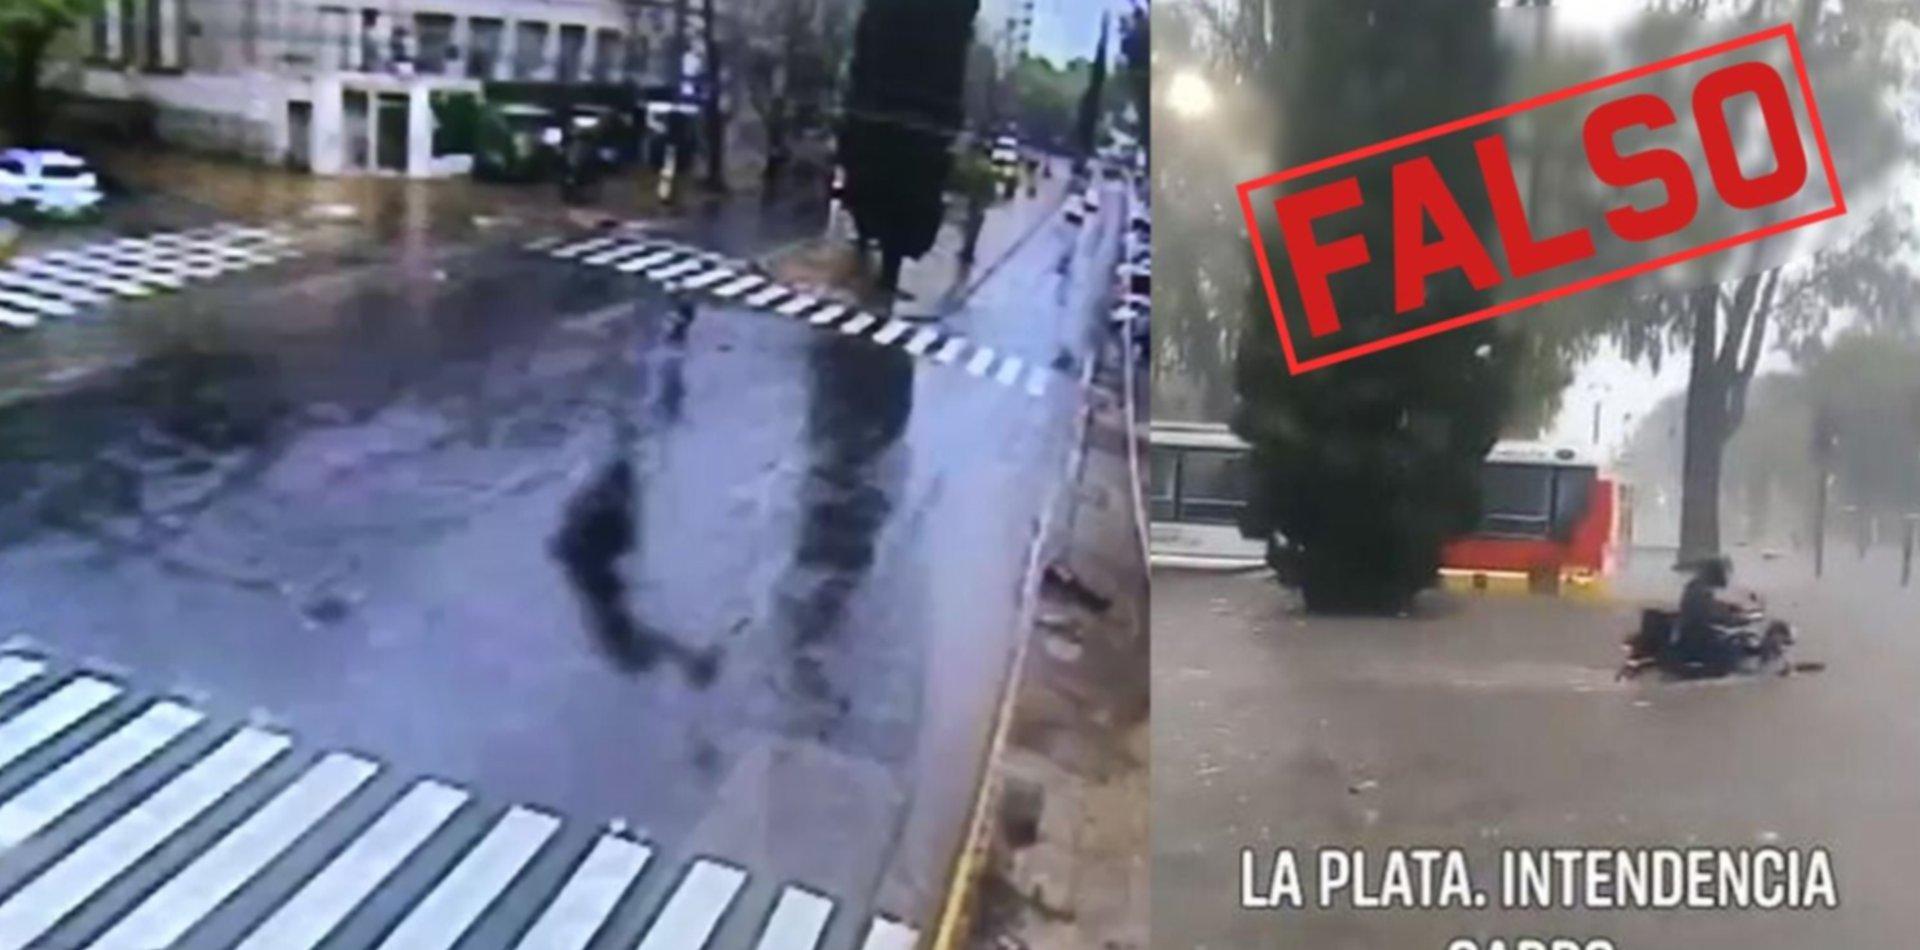 Campaña sucia en La Plata: difundieron un video de la ciudad inundada y era mentira